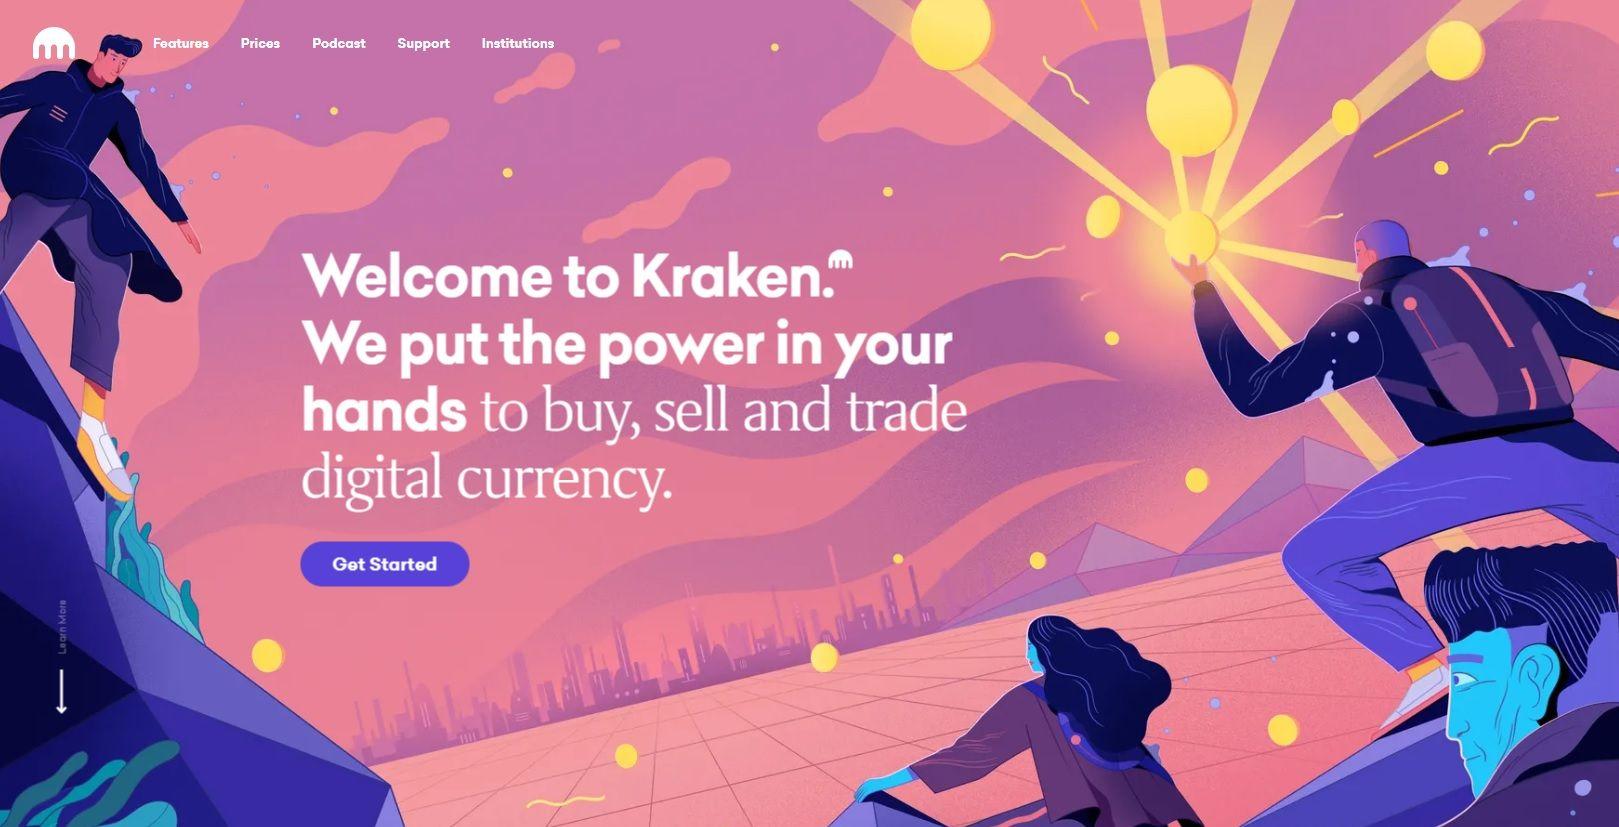 kraken website